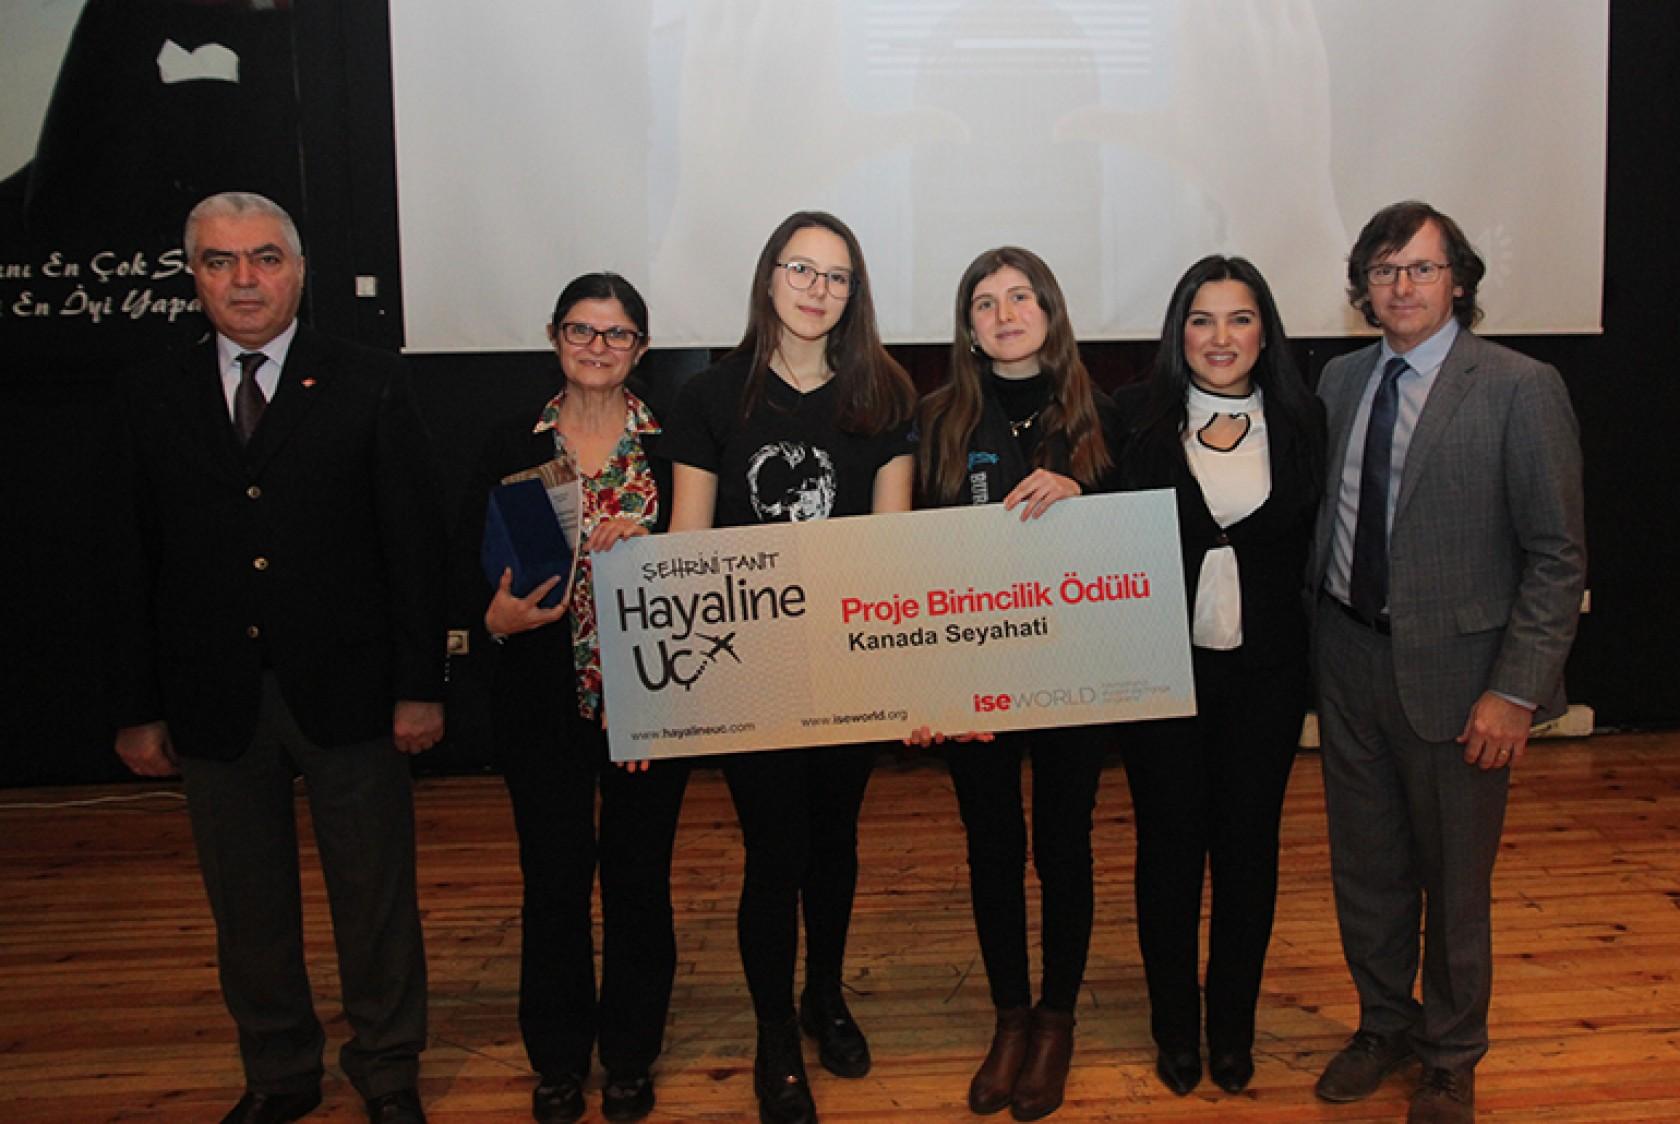 Bursa'dan Kanada'ya Hayallerine Uçacak Öğrenciler Belli Oldu!